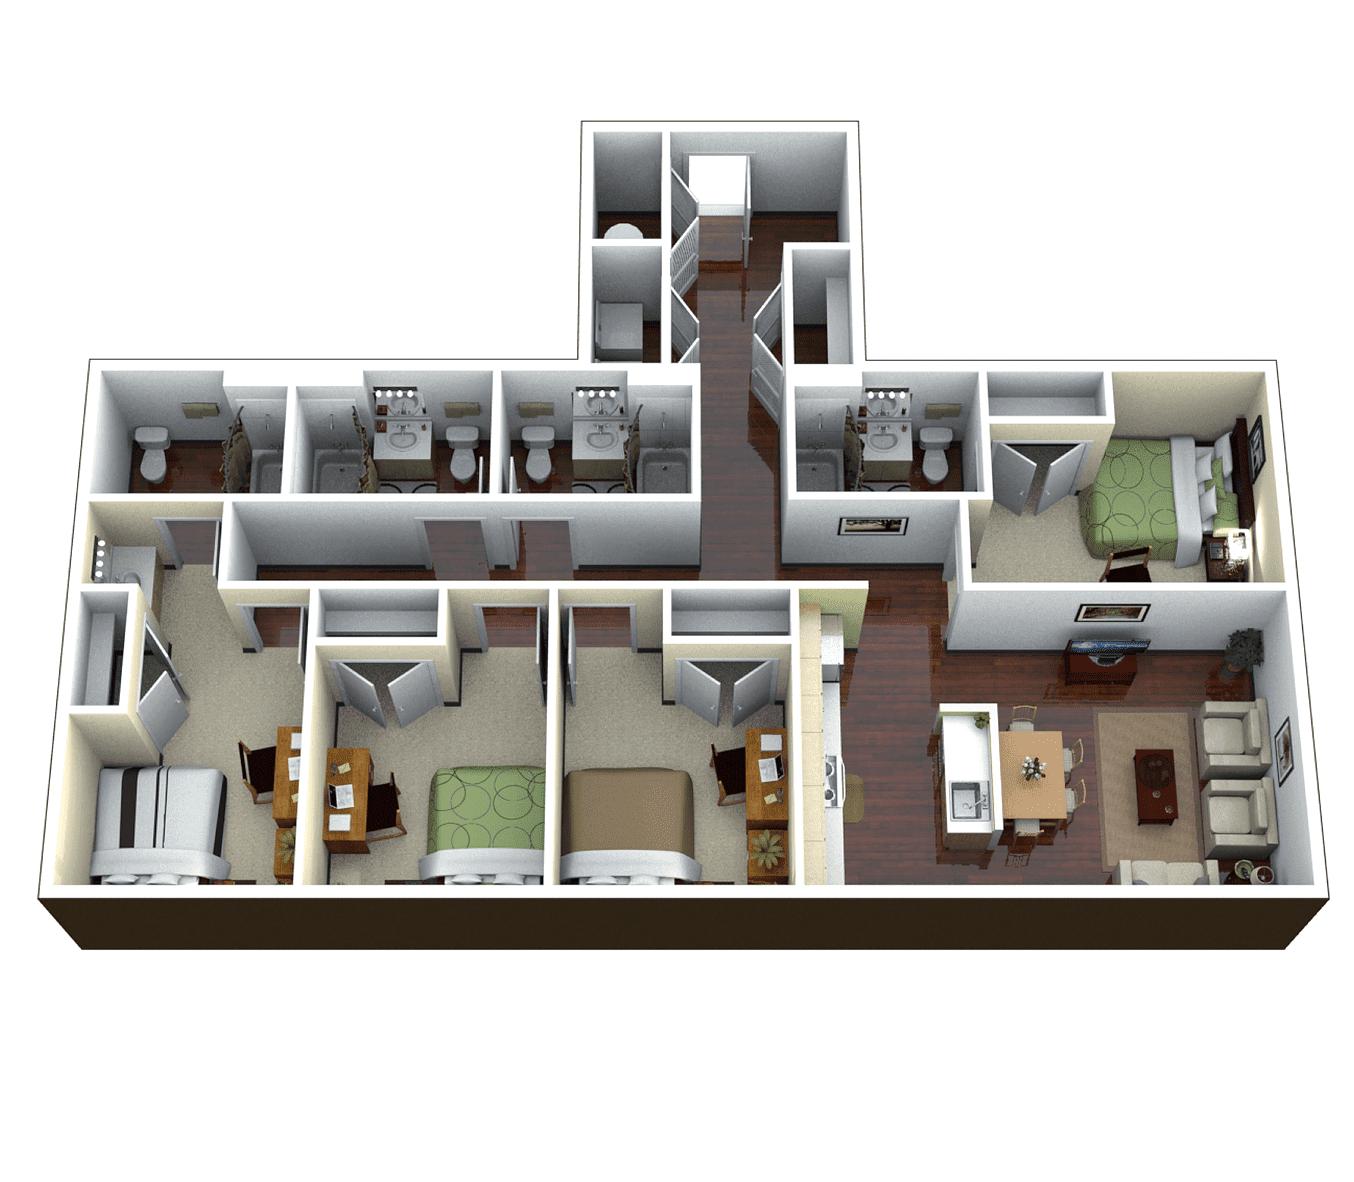 Park Place Apartments Gainesville: The Continuum Apartments Gainesville, FL